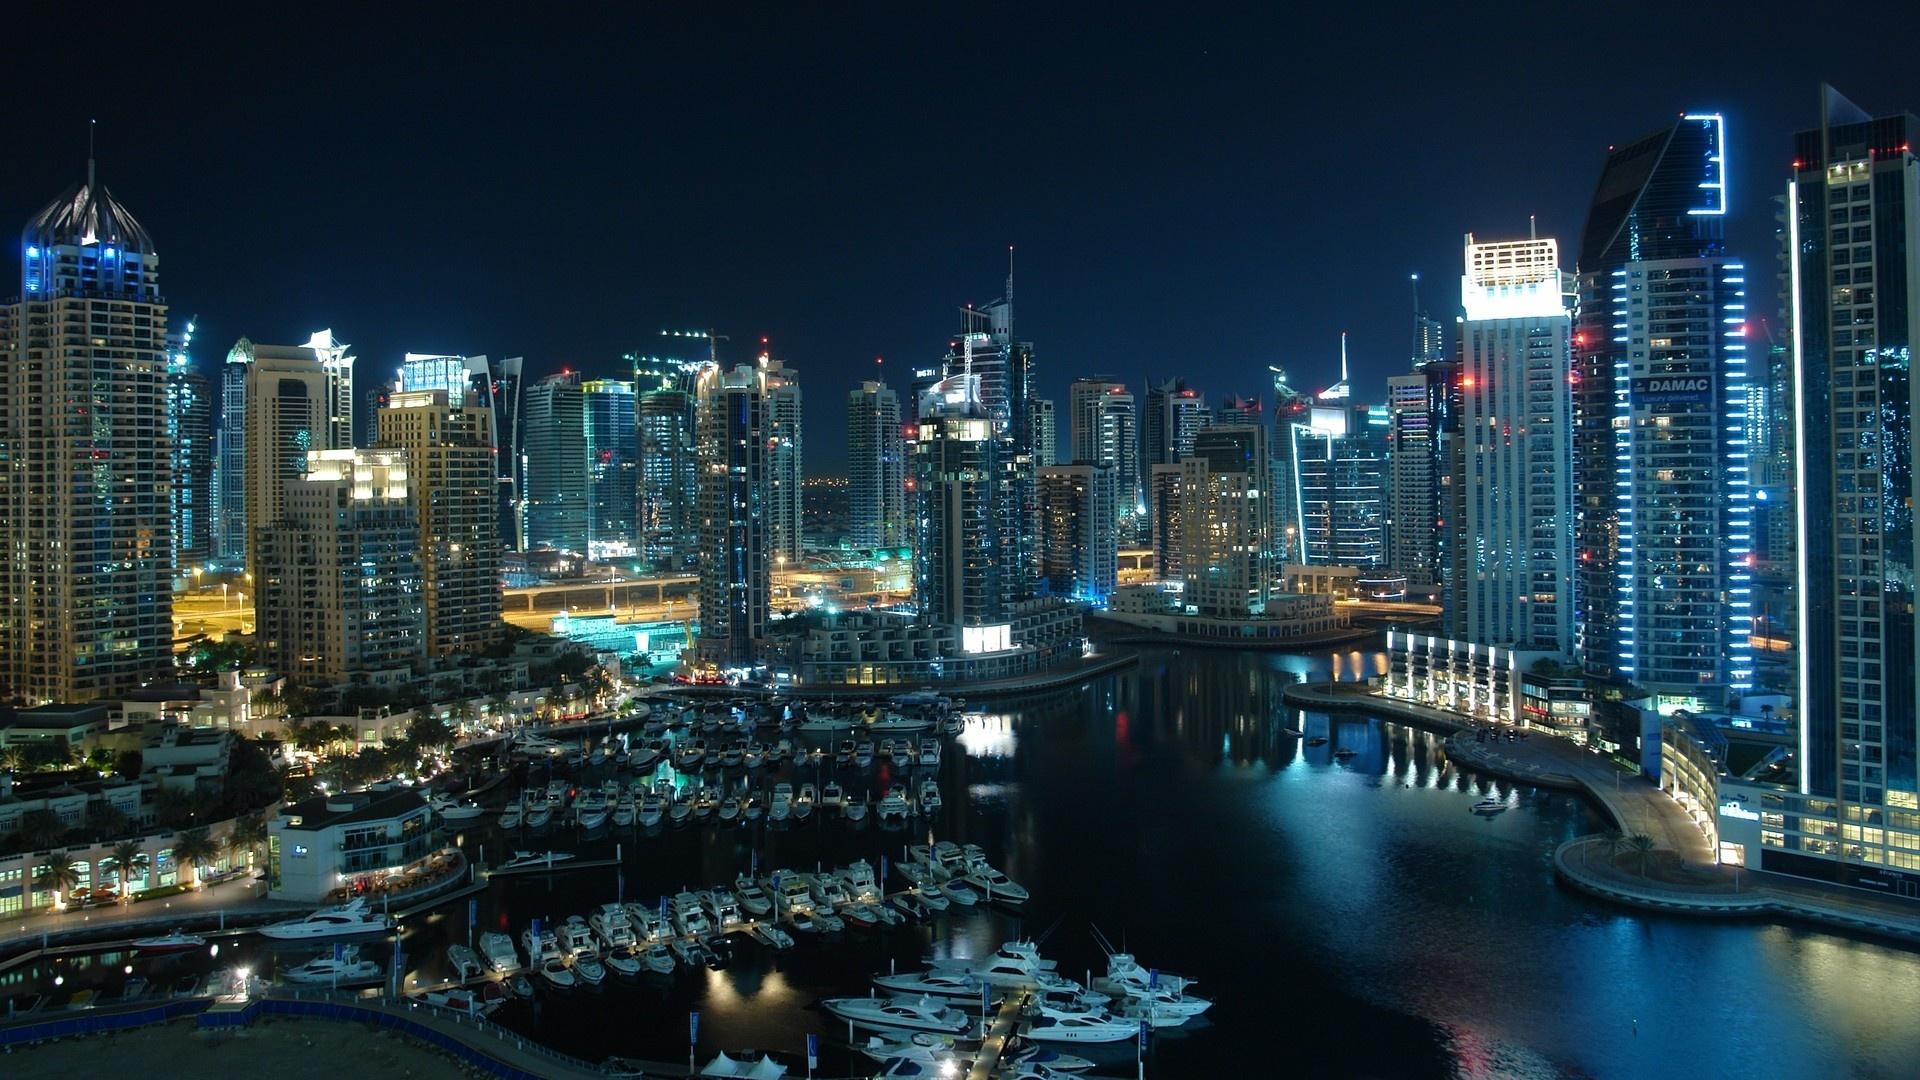 Dubai PC Wallpaper HD